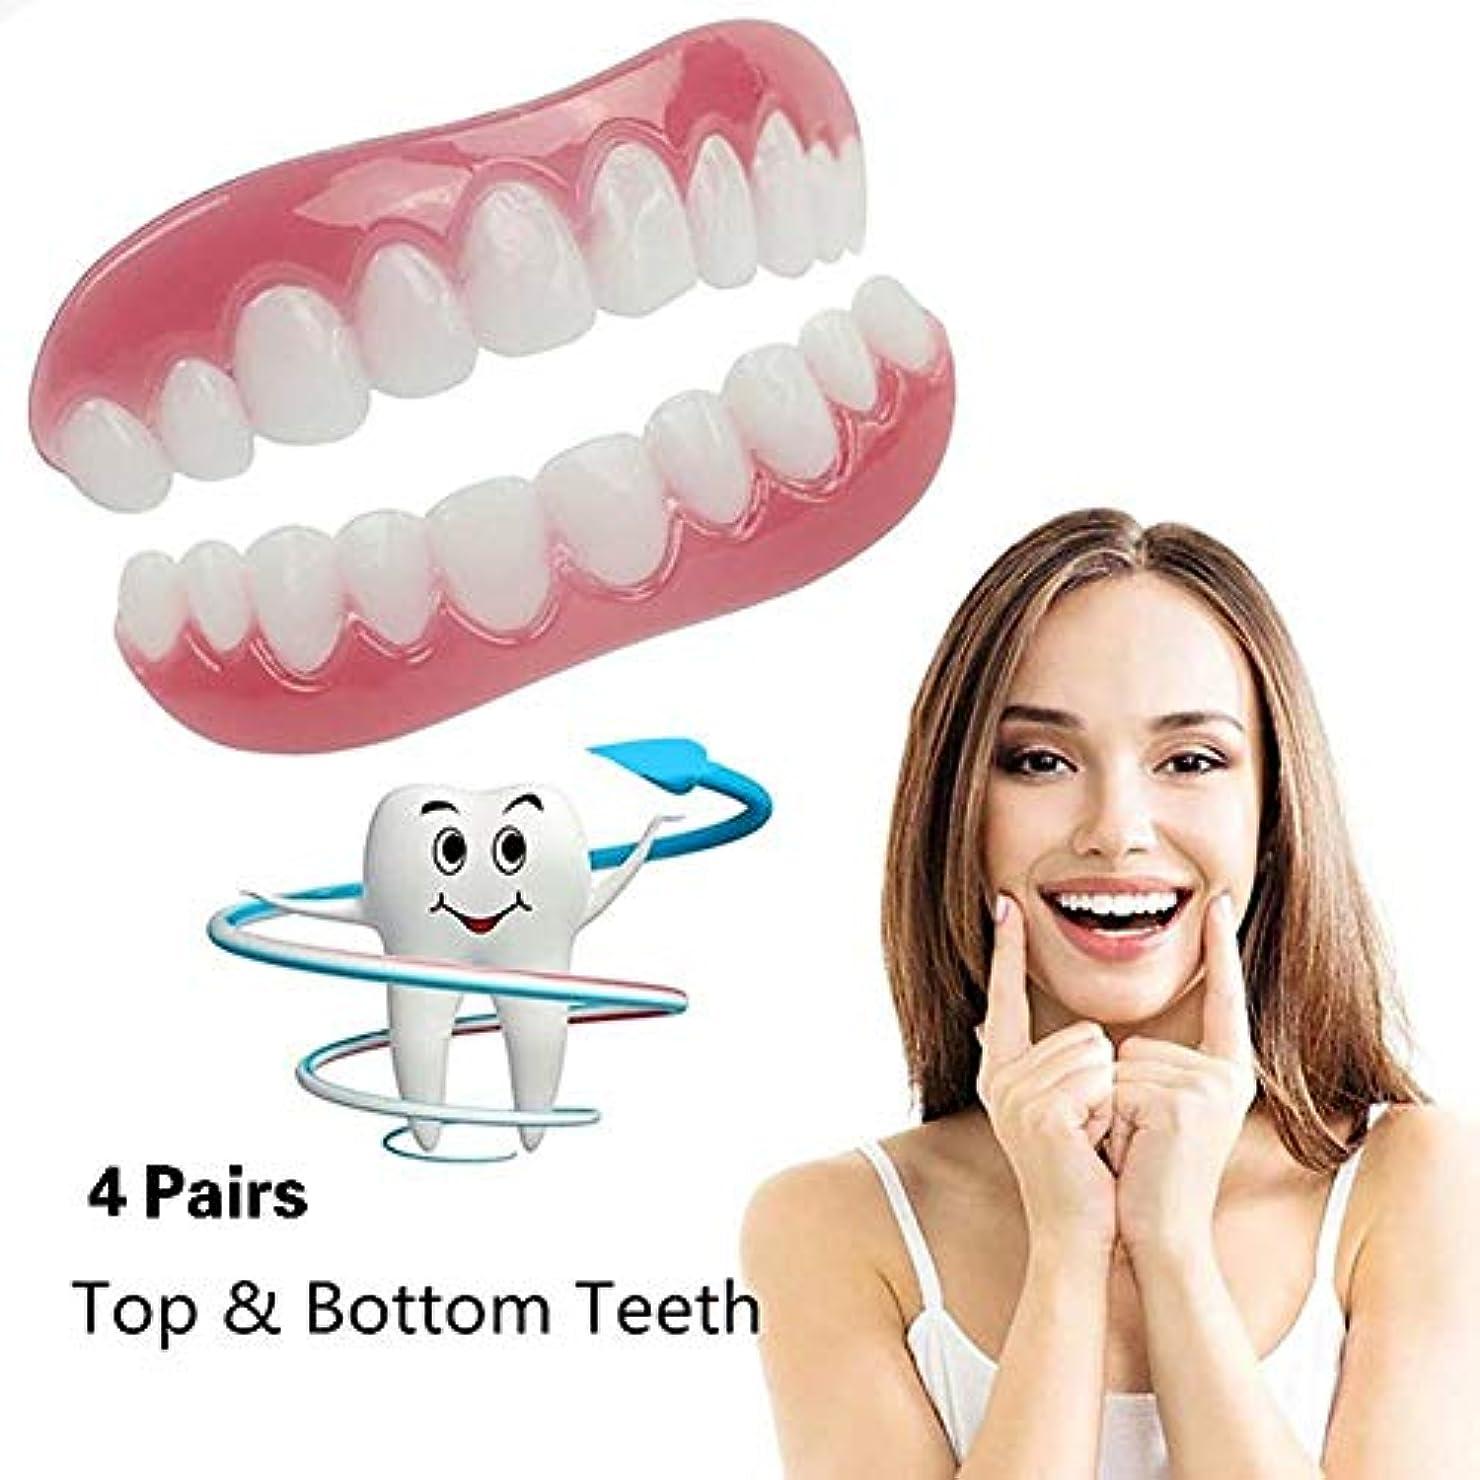 挑む漏れグレーシリコーンの歯のベニヤ化粧品の歯のスナップのしっかりとした上部の低い屈曲の歯科ベニヤ義歯のケアを白くする完全な歯1つのサイズに収まるすべて